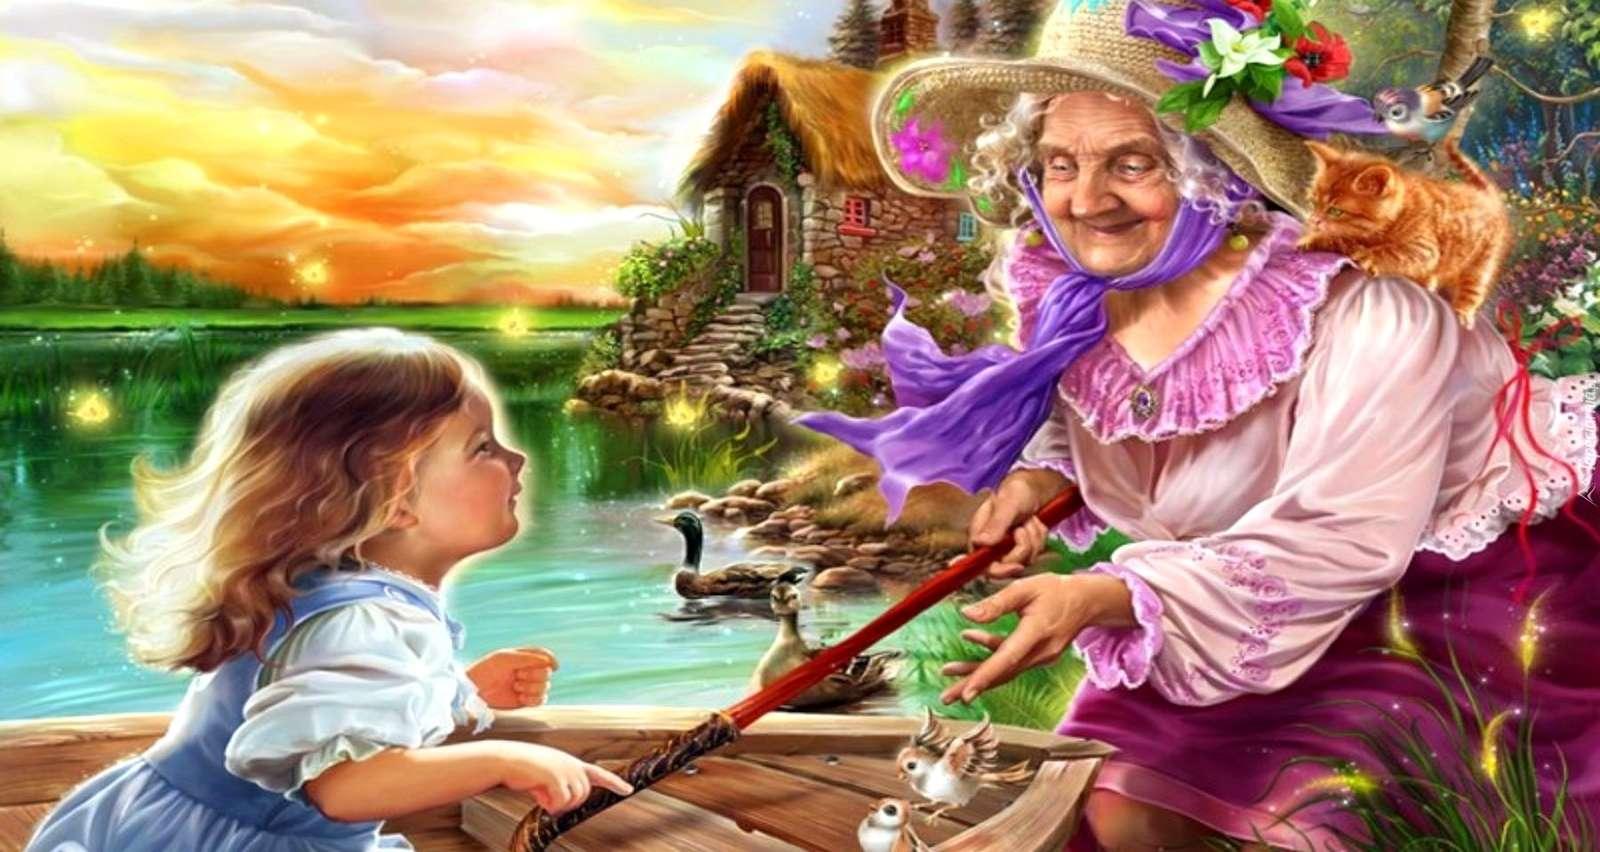 Oma mit Enkelkind - buntes Puzzle (10×10)